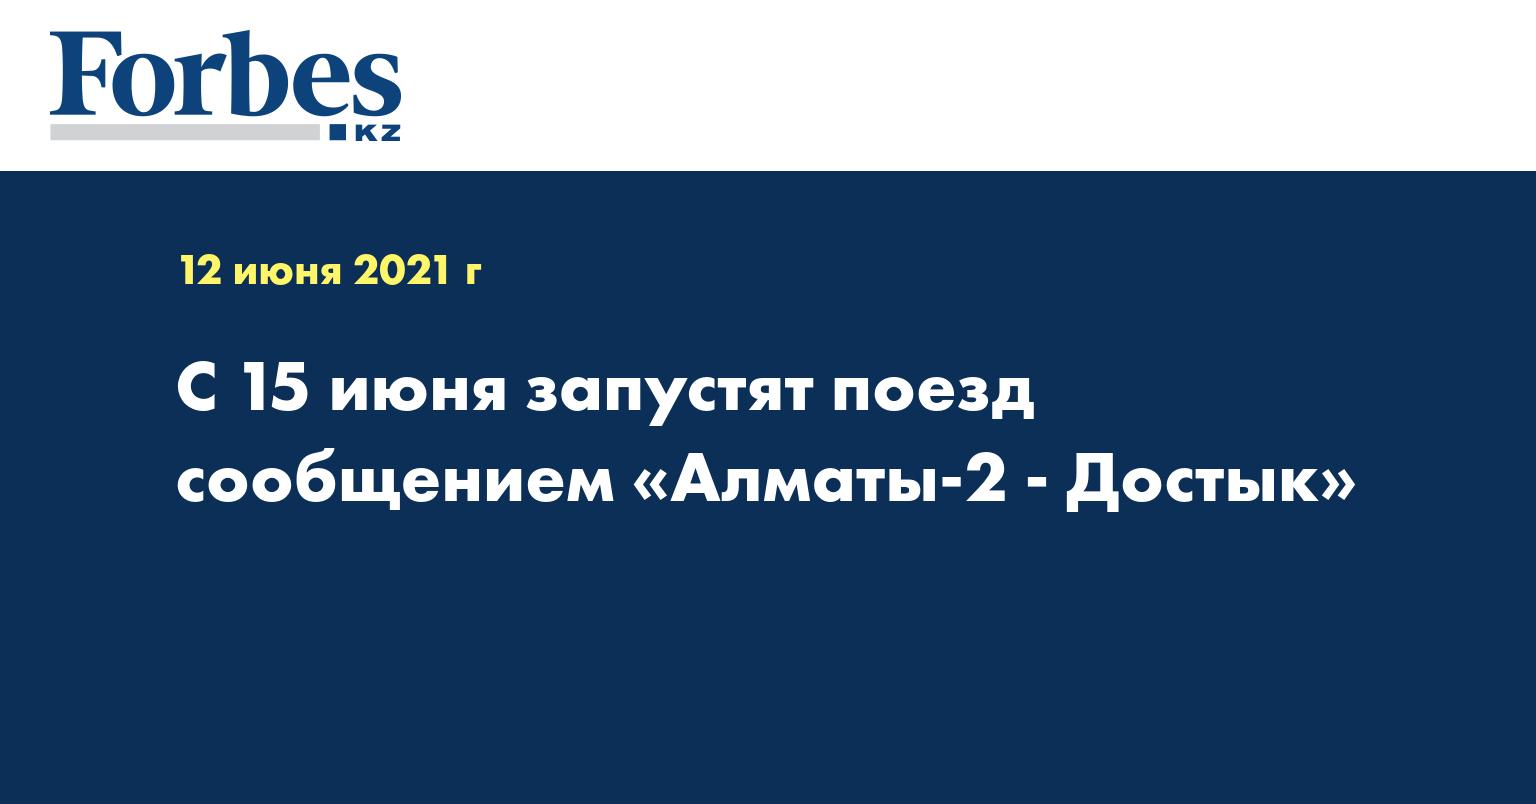 С 15 июня запустят поезд сообщением «Алматы-2 - Достык»